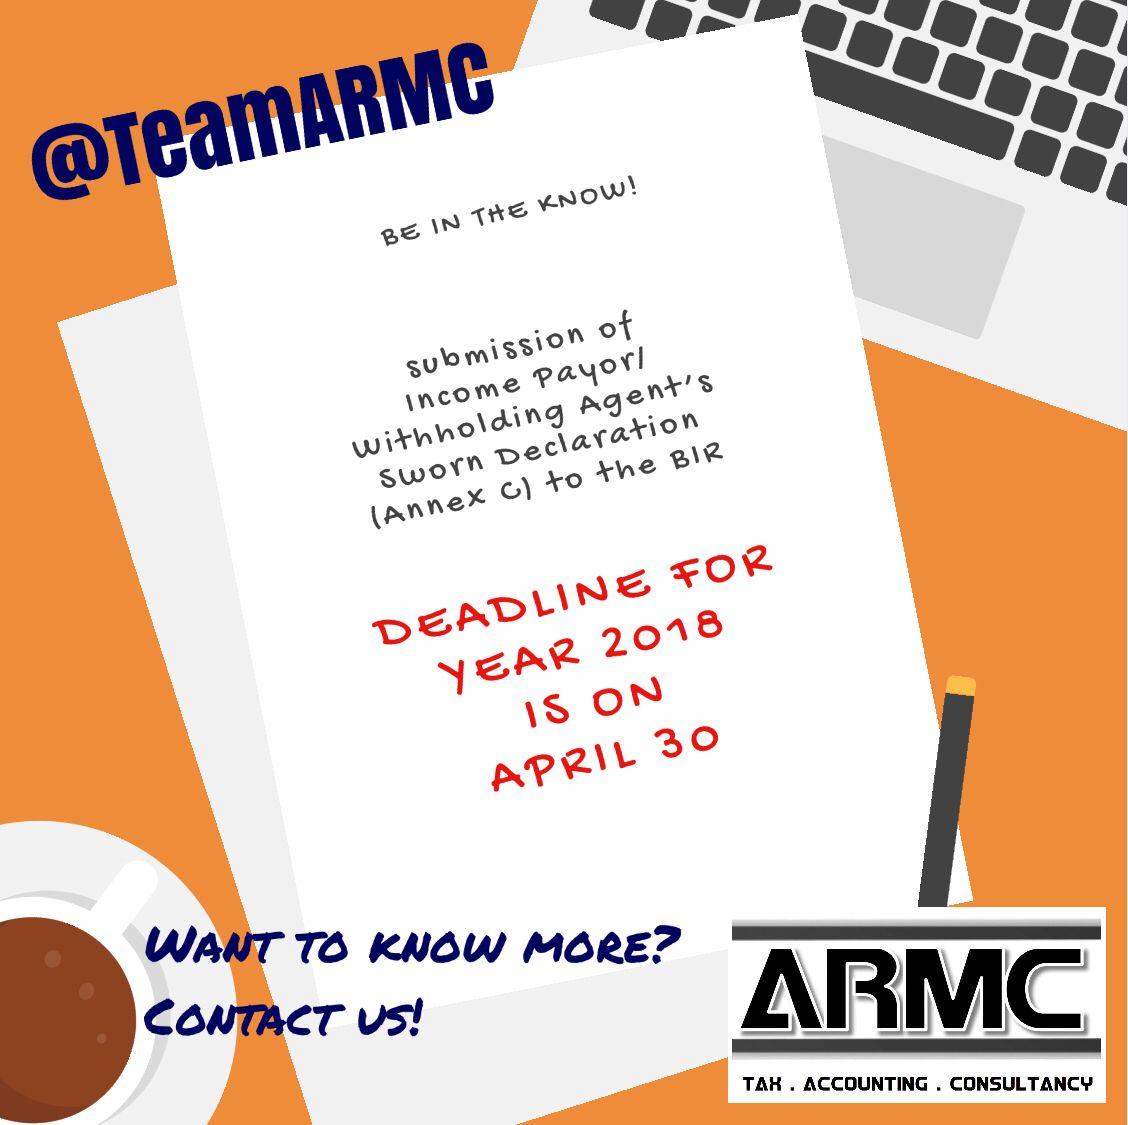 TeamARMC (@TeamARMC) | Twitter